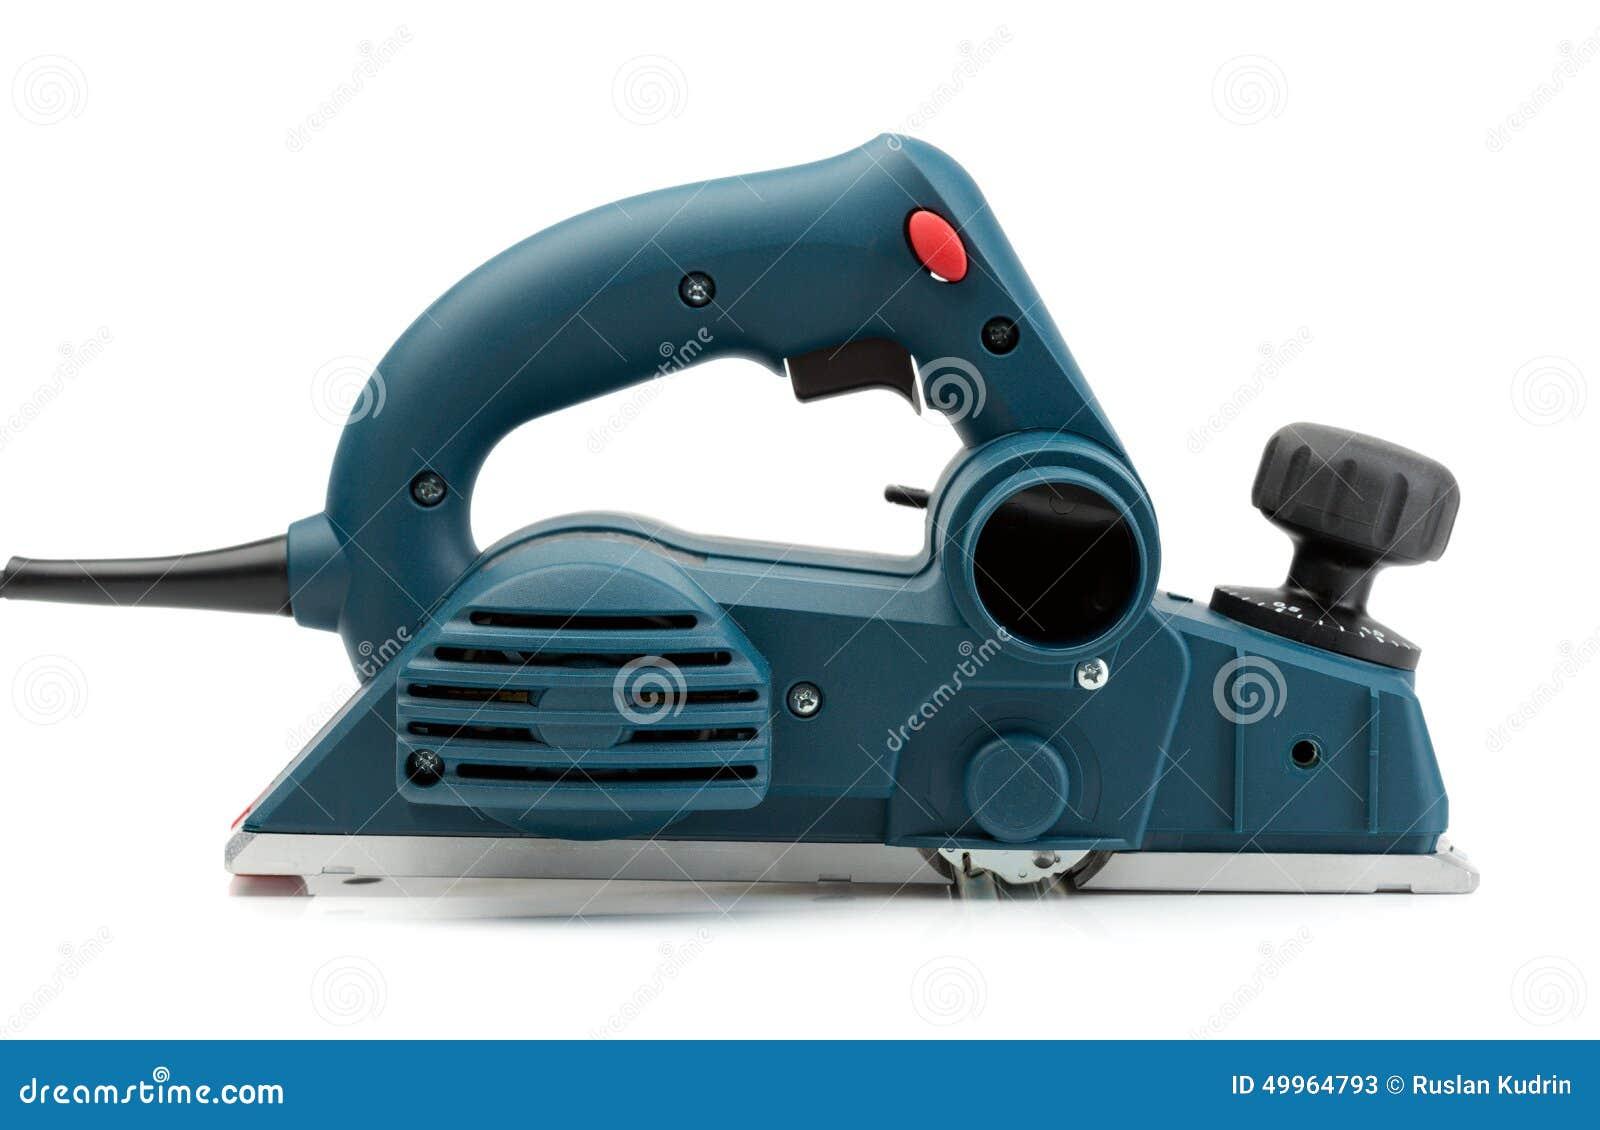 professioneller elektrischer hobel, seitenansicht stockbild - bild